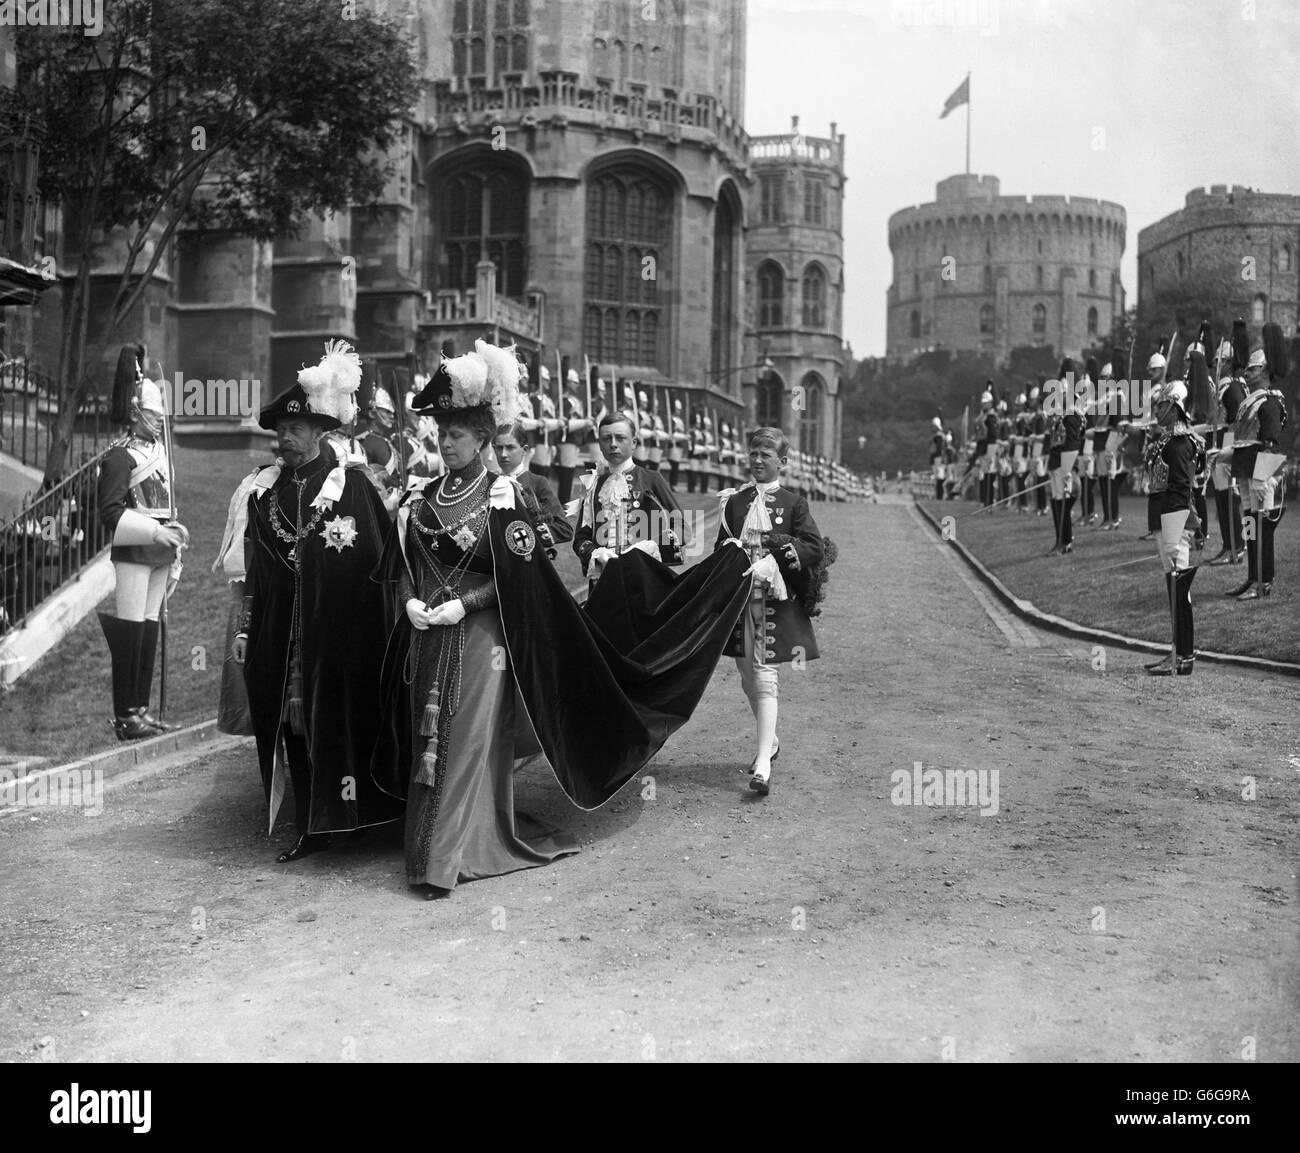 Royalty - King George V - Order of the Garter Procession - Windsor Castle - Stock Image